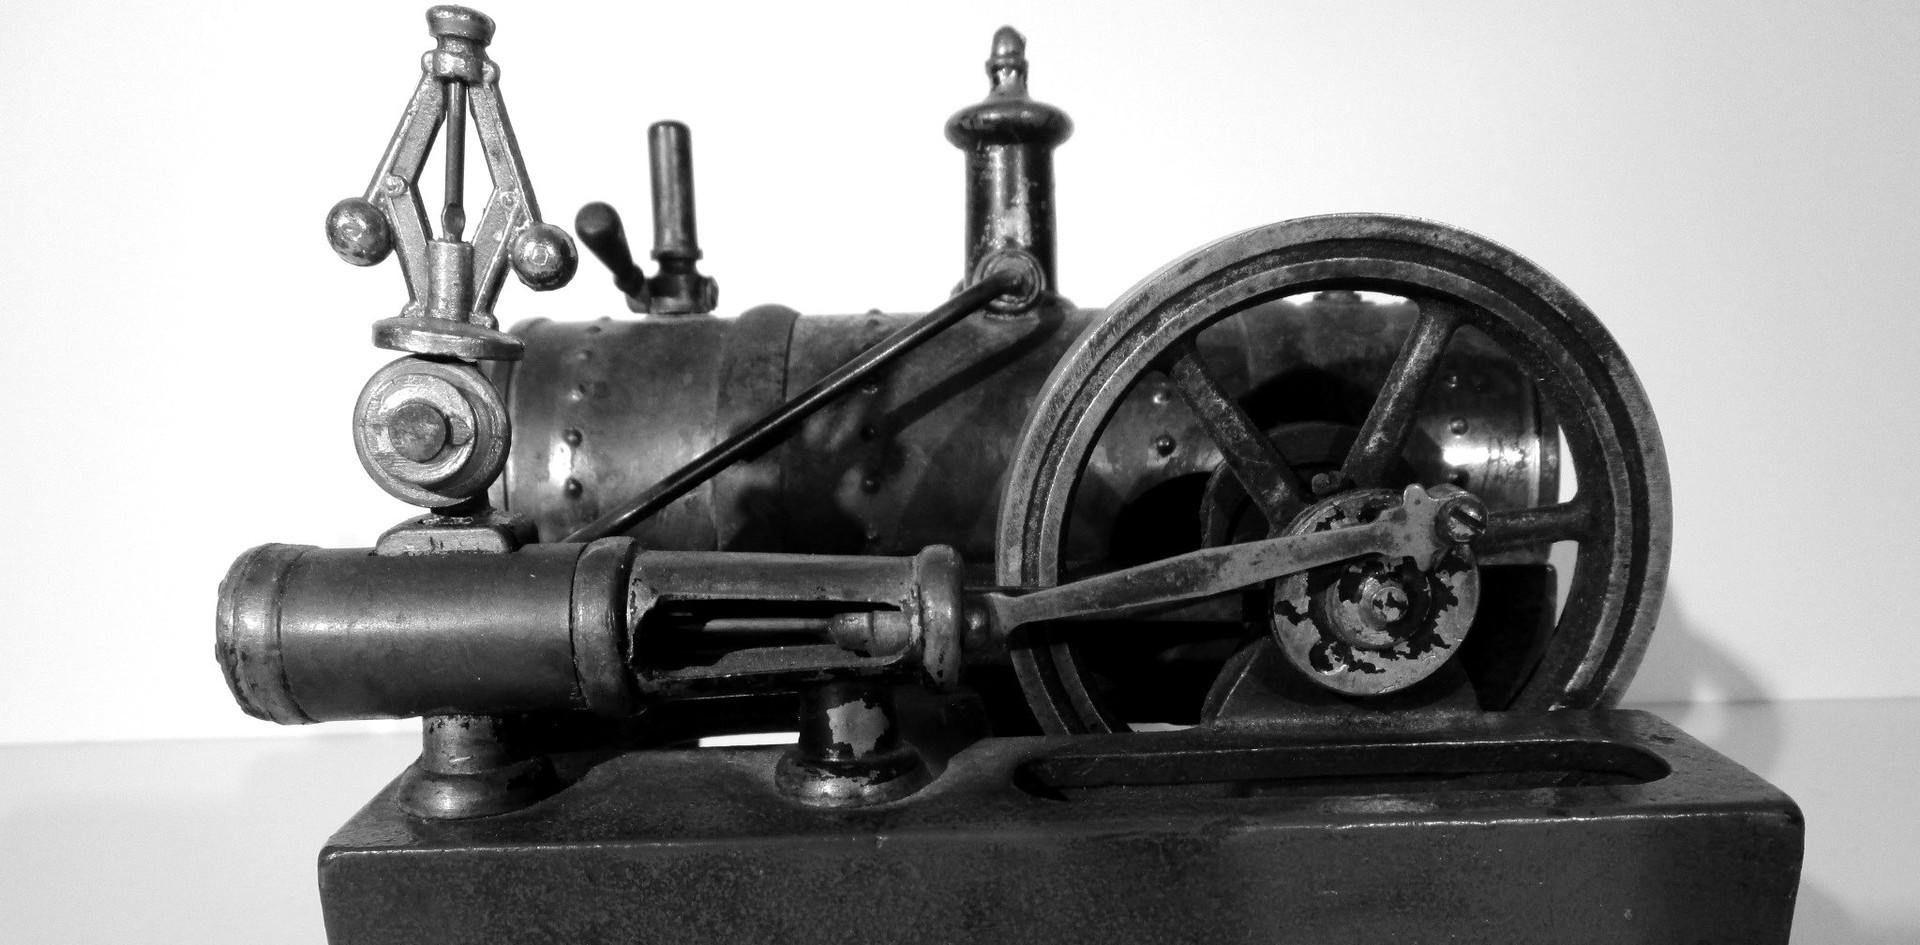 Antique & Vintage Toys